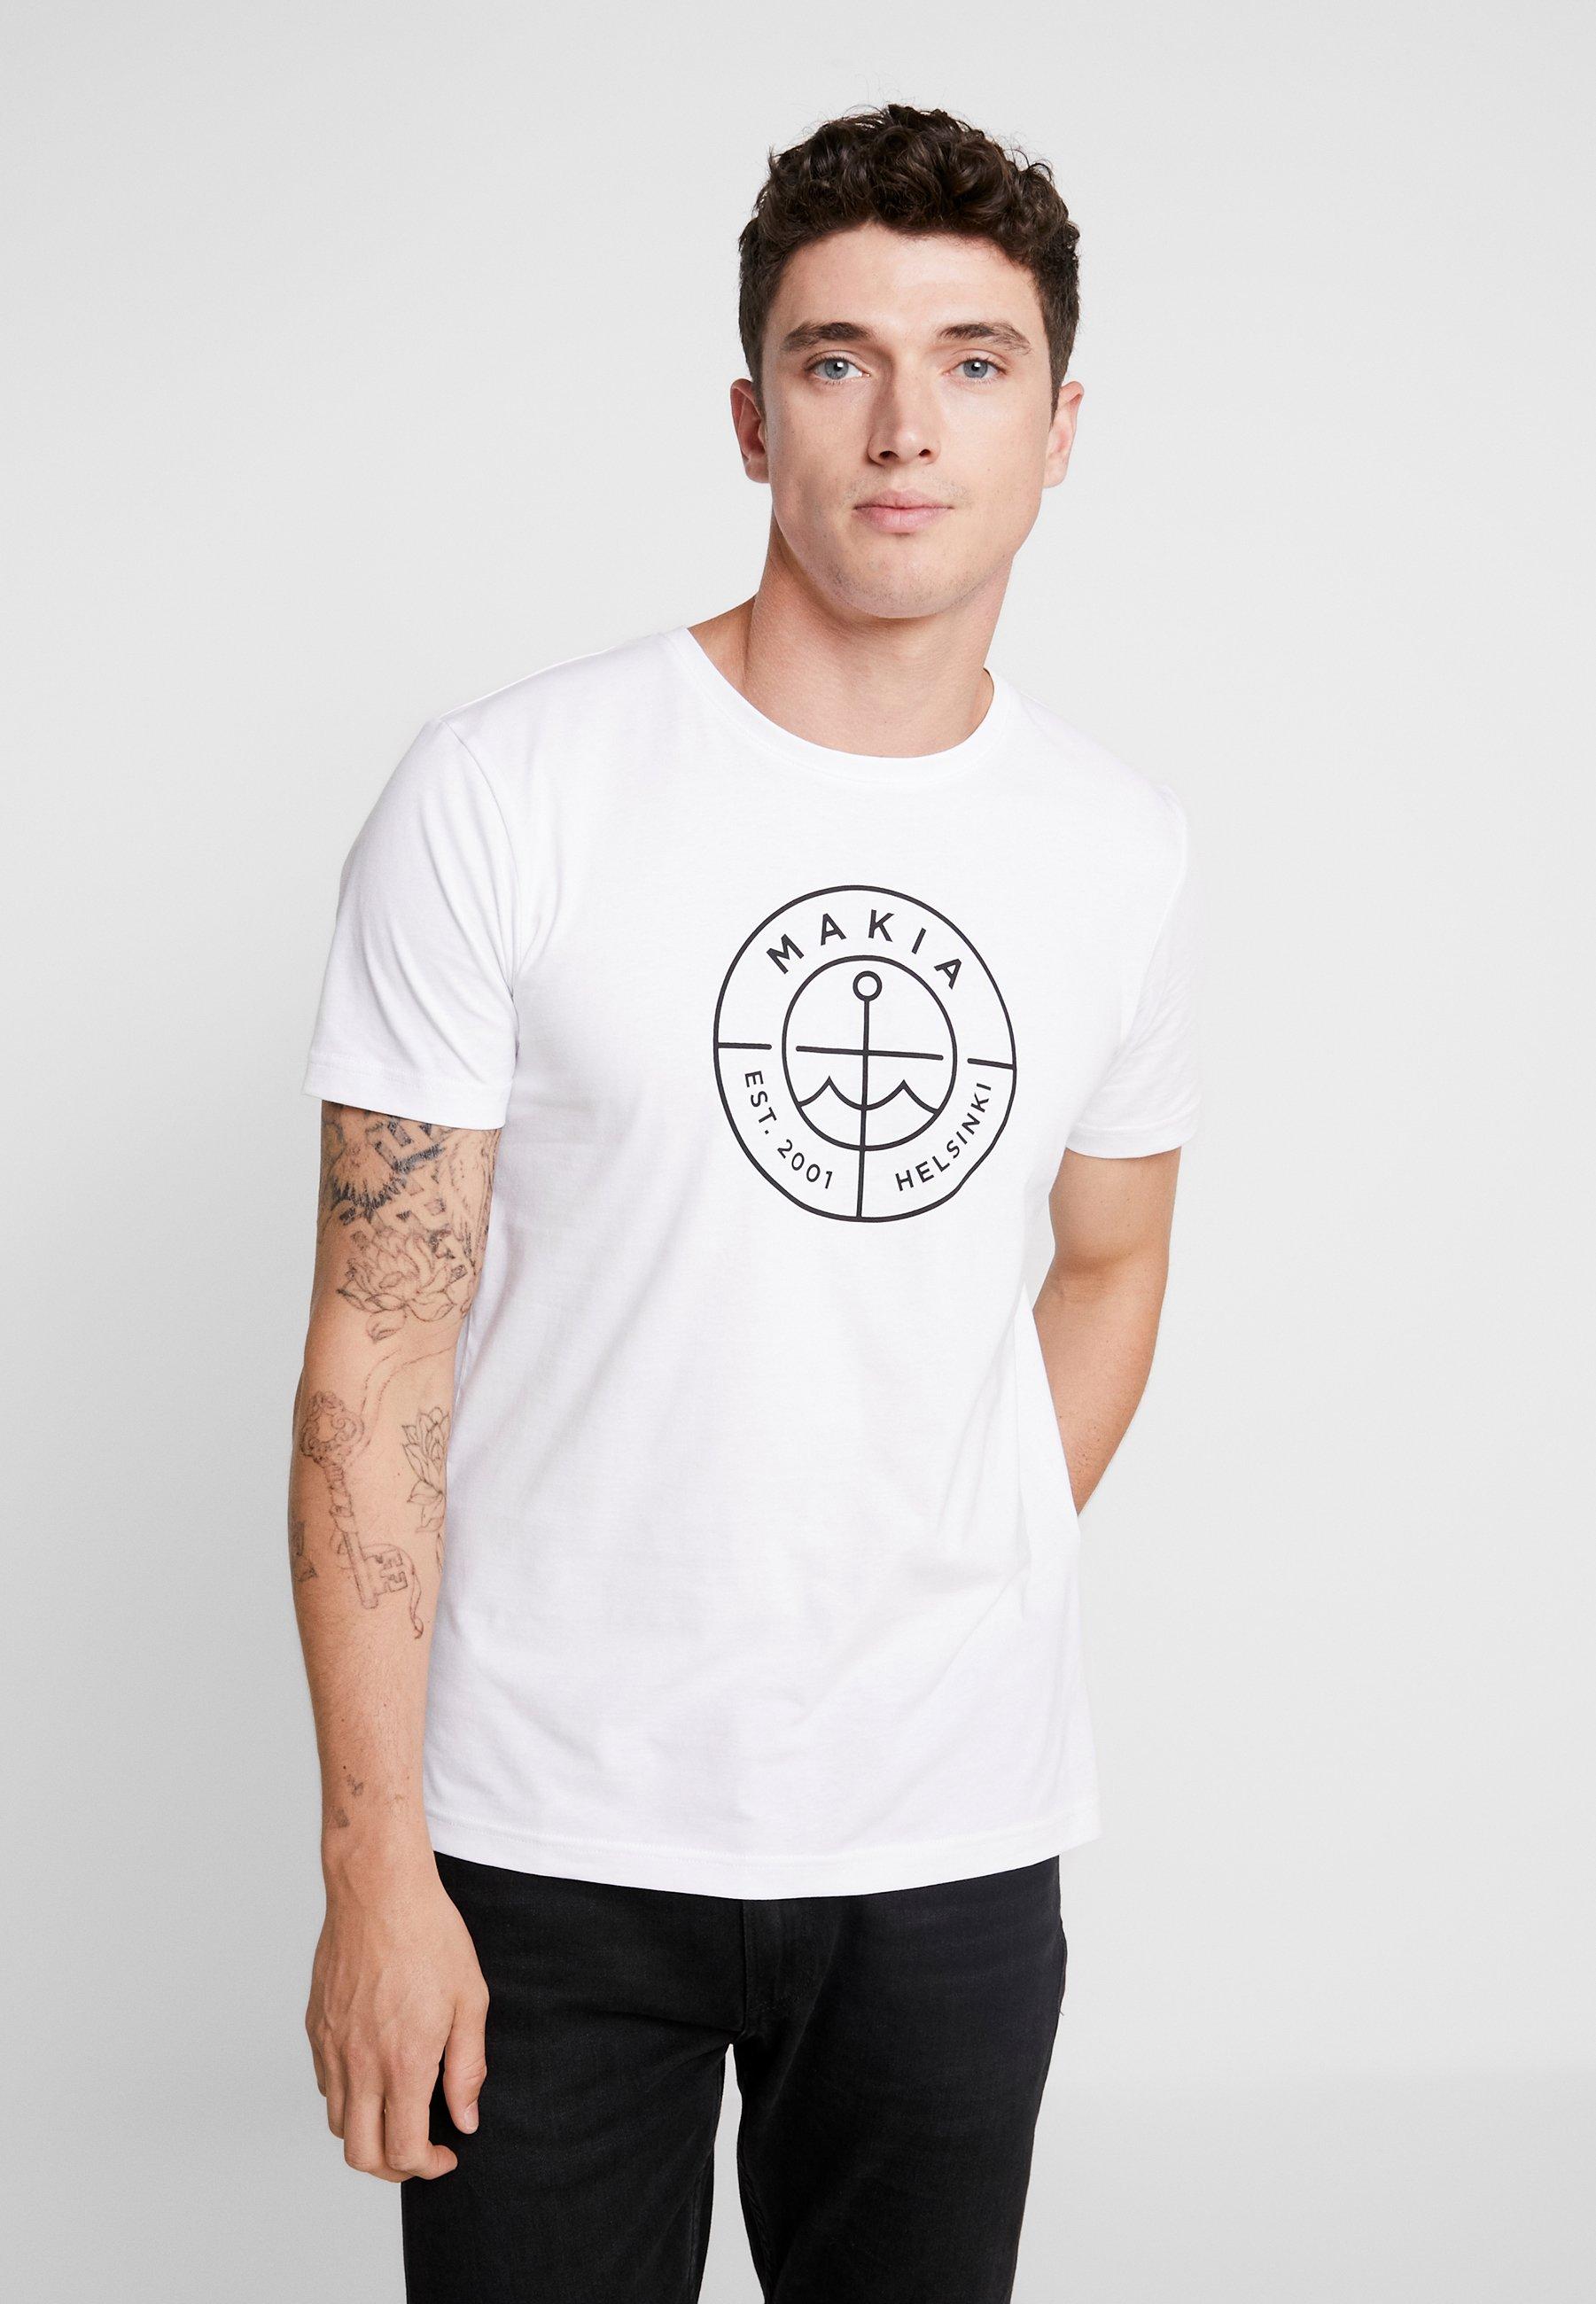 shirt Makia Imprimé ScopeT Makia White ScopeT shirt ScopeT Imprimé White Makia shirt zMGpUSqV